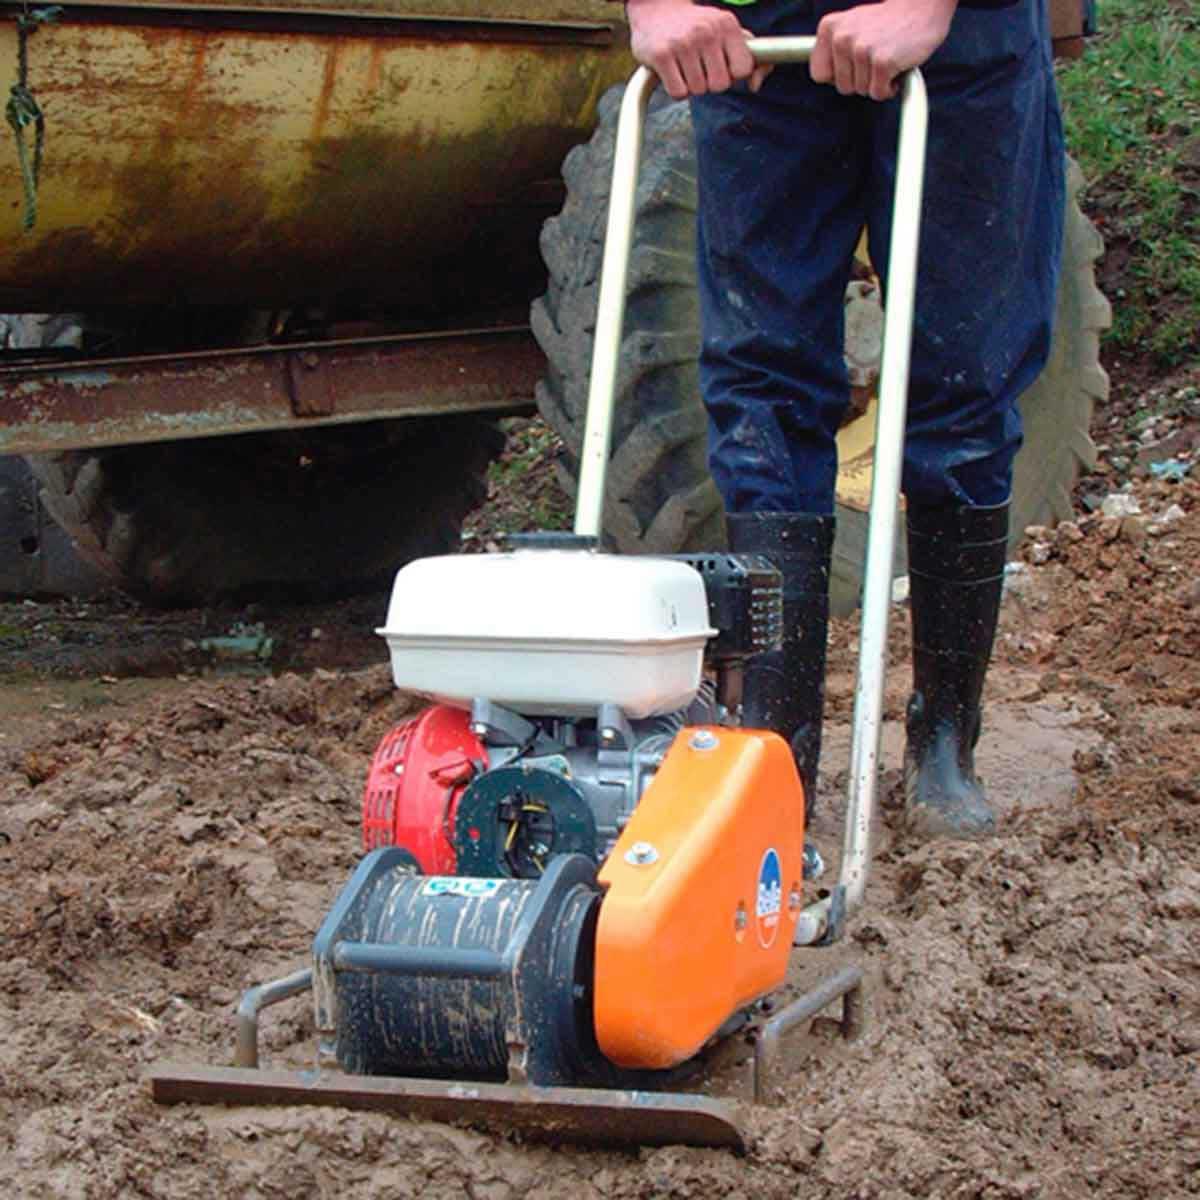 Altrad Belle plate compactor soil